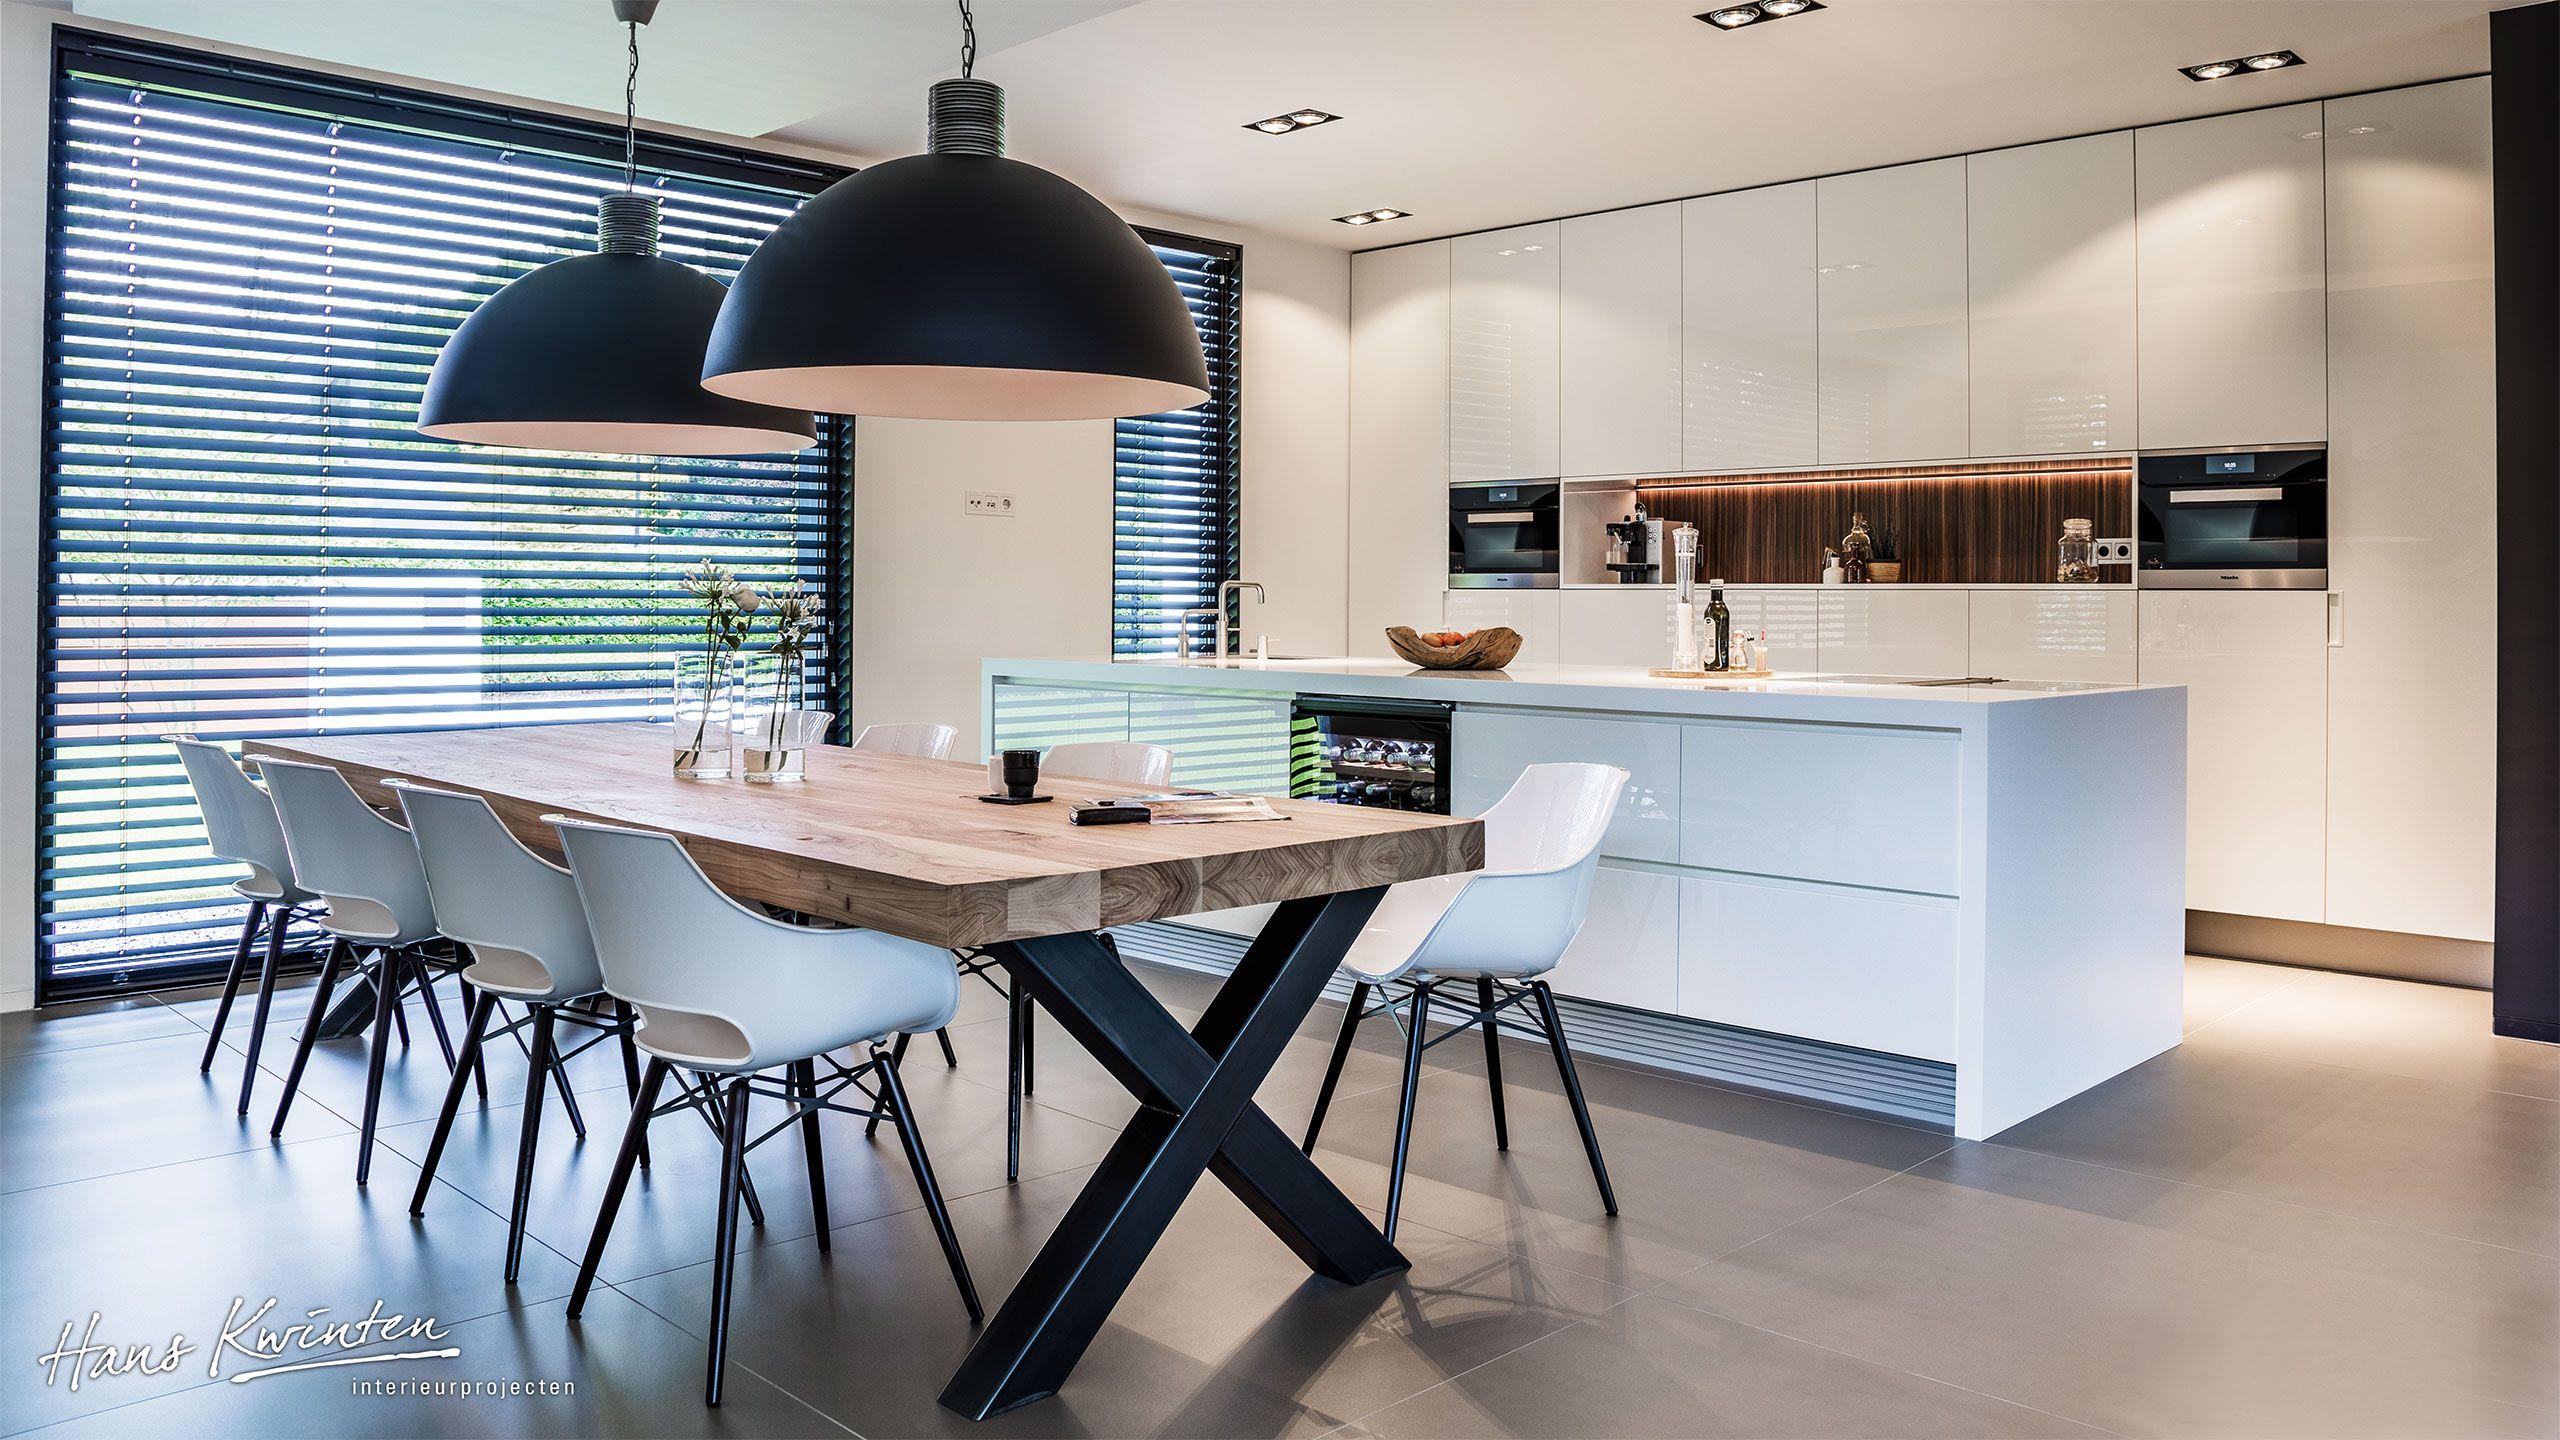 Interieur Strak Klassiek : Klassiek interieur ideeen klassiek interieur best rietgedekt huis